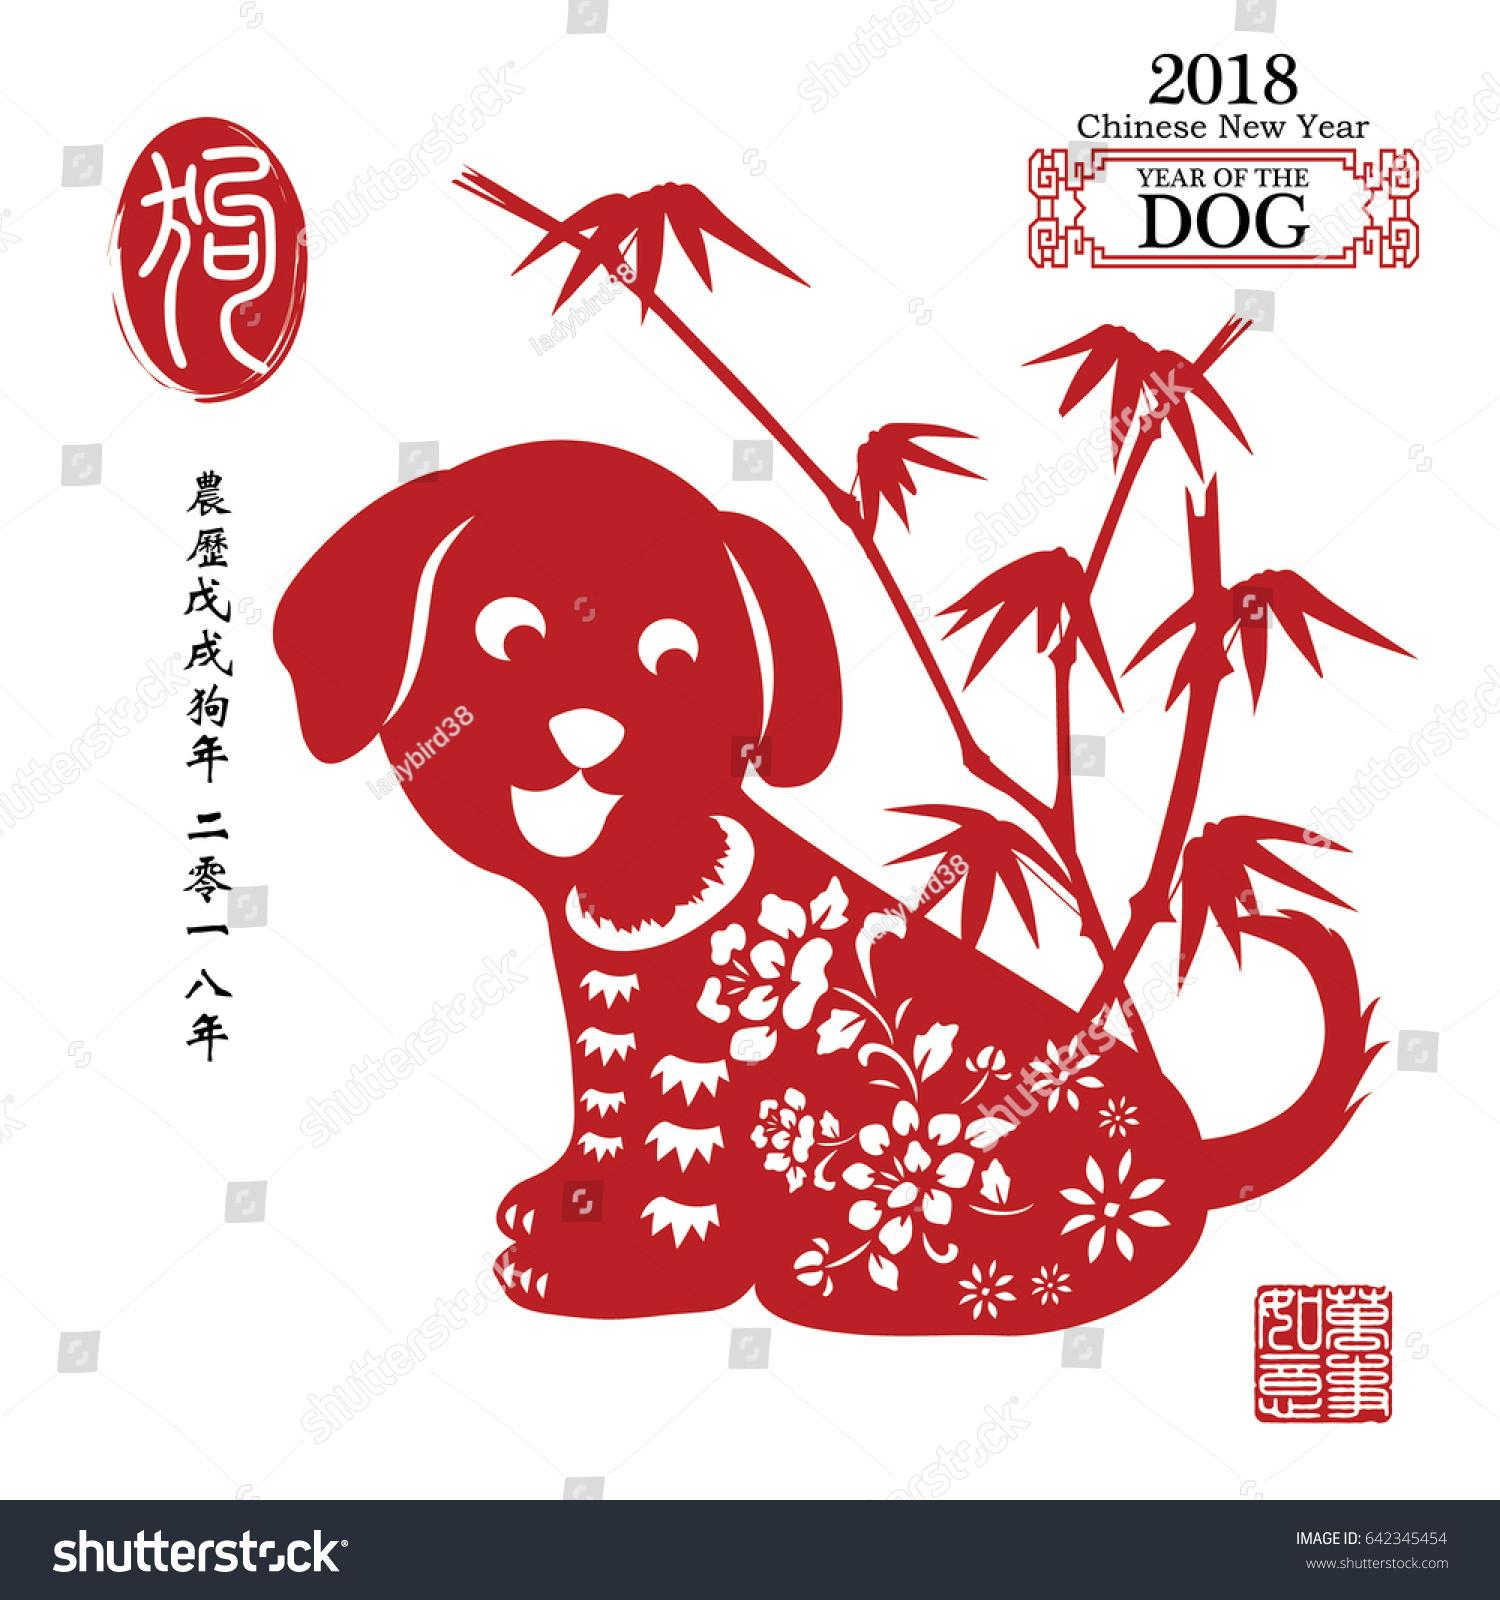 Dog year chinese zodiac symbol paper stock vector 642345454 dog year chinese zodiac symbol with paper cut art chinese translation words in black buycottarizona Images